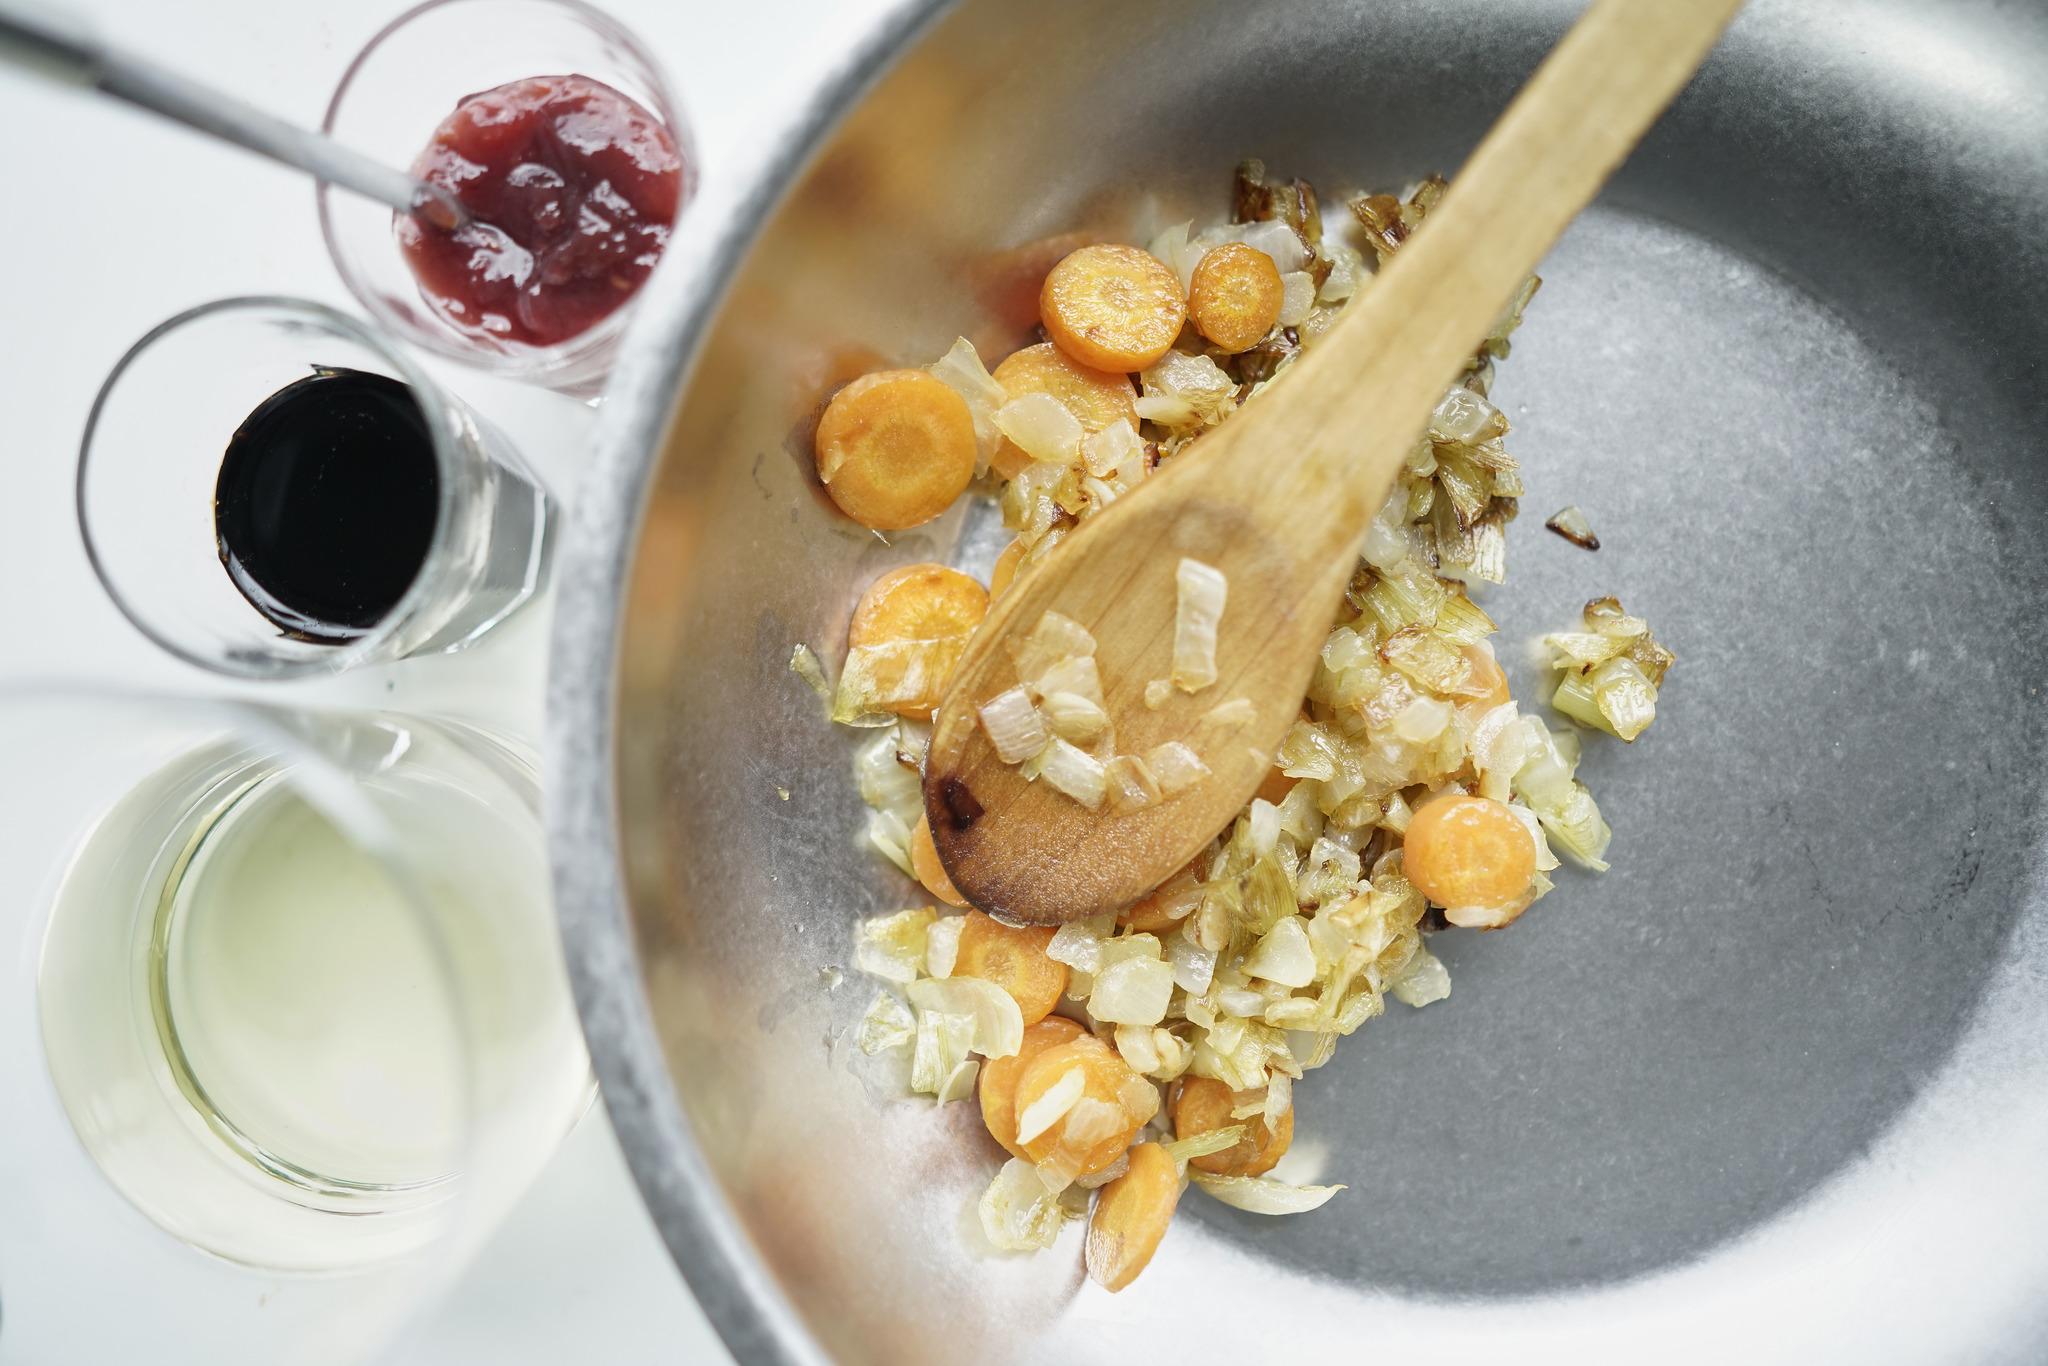 Confit de pato con costra y salsa de frambuesa